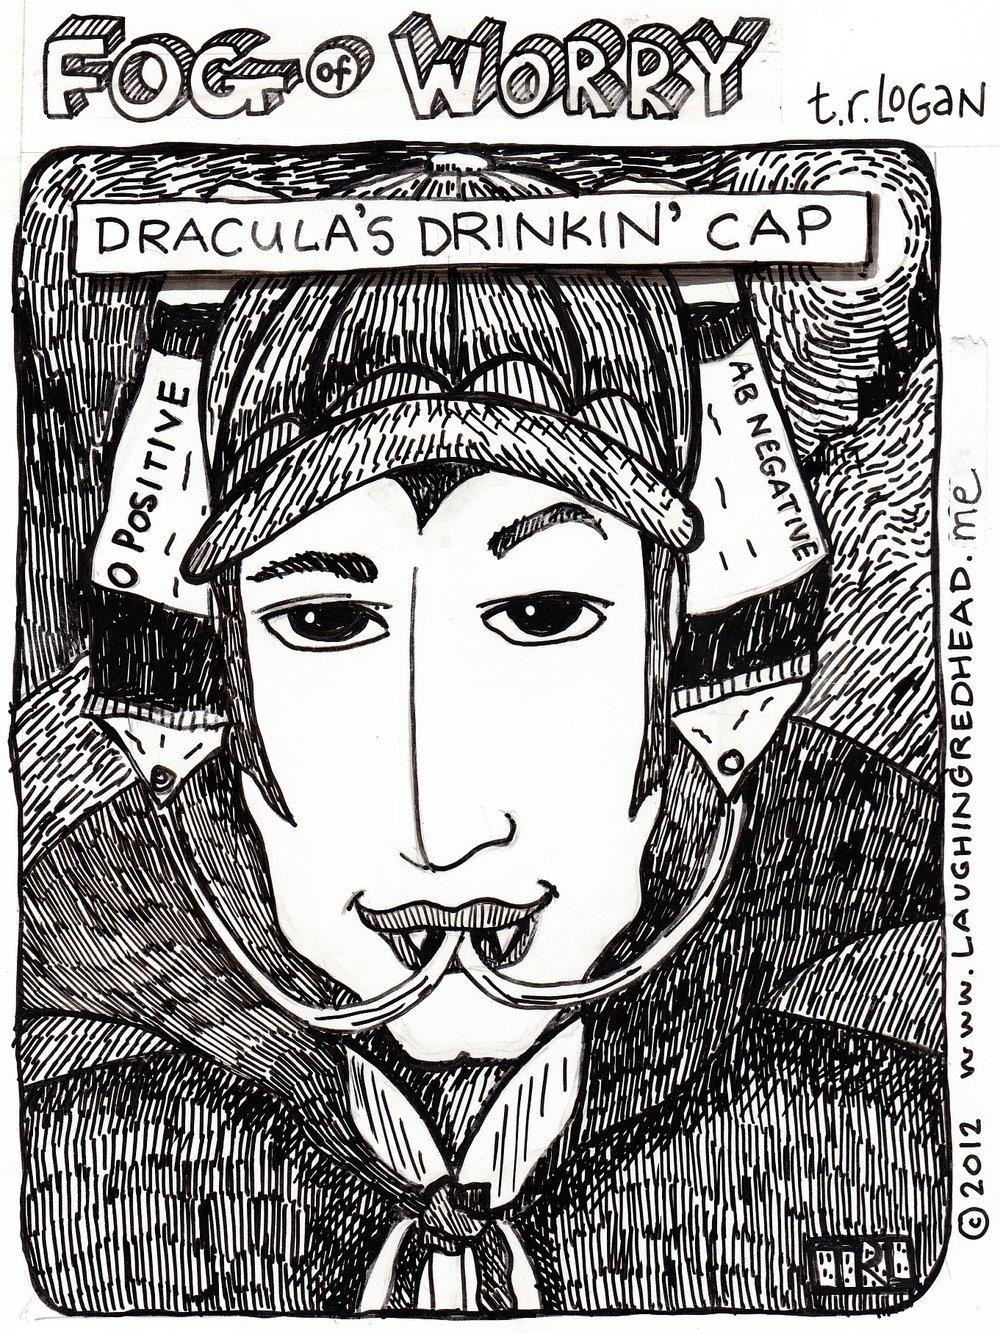 draculasdrinkingcap.jpg